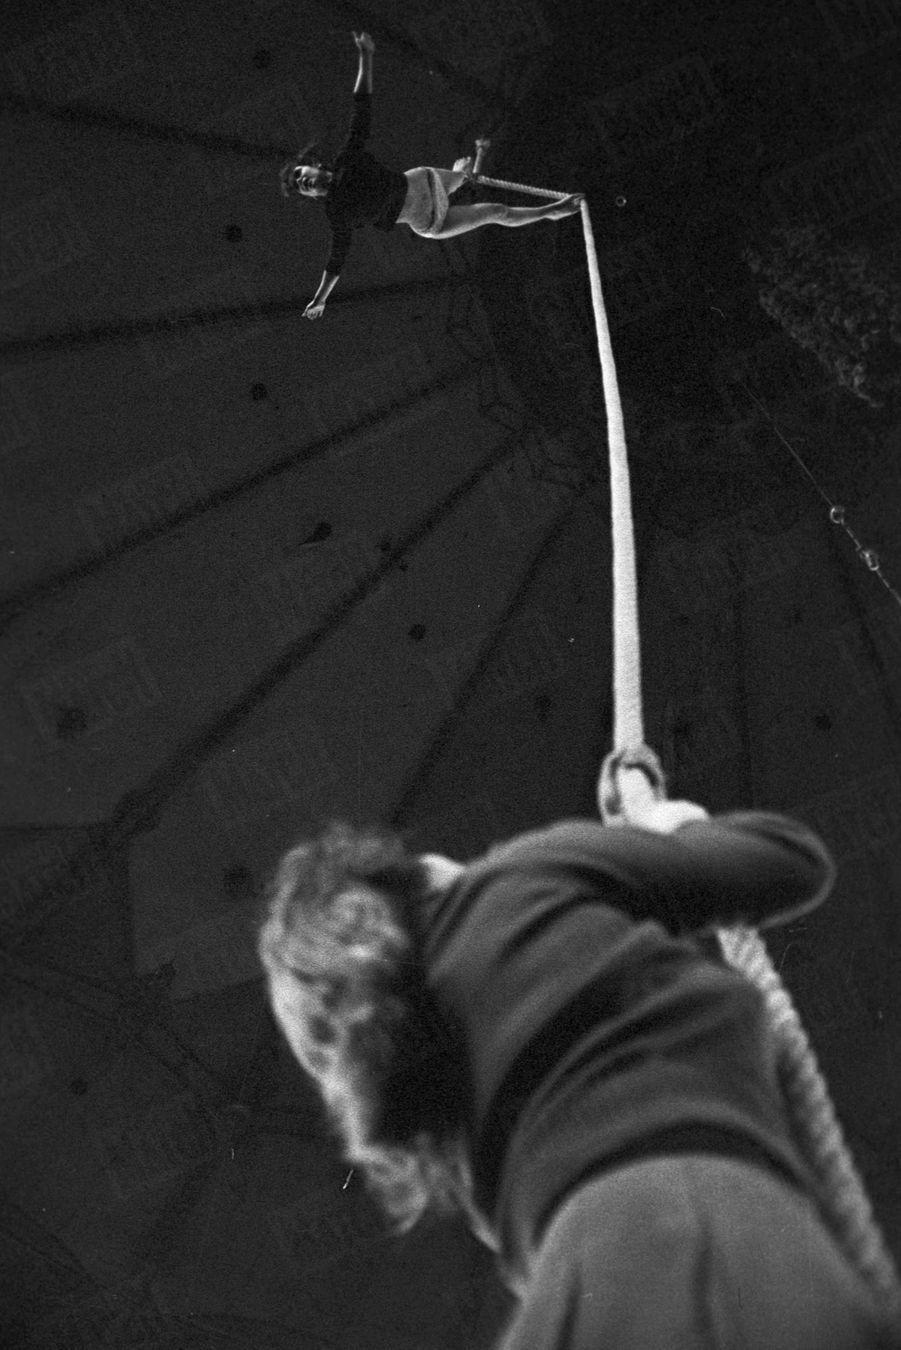 Marie-José Nat, répétant son numéro de corde pour le gala de l'Union des artistes, en mars 1959, au Cirque d'Hiver. Sa première apparition dans Paris Match.